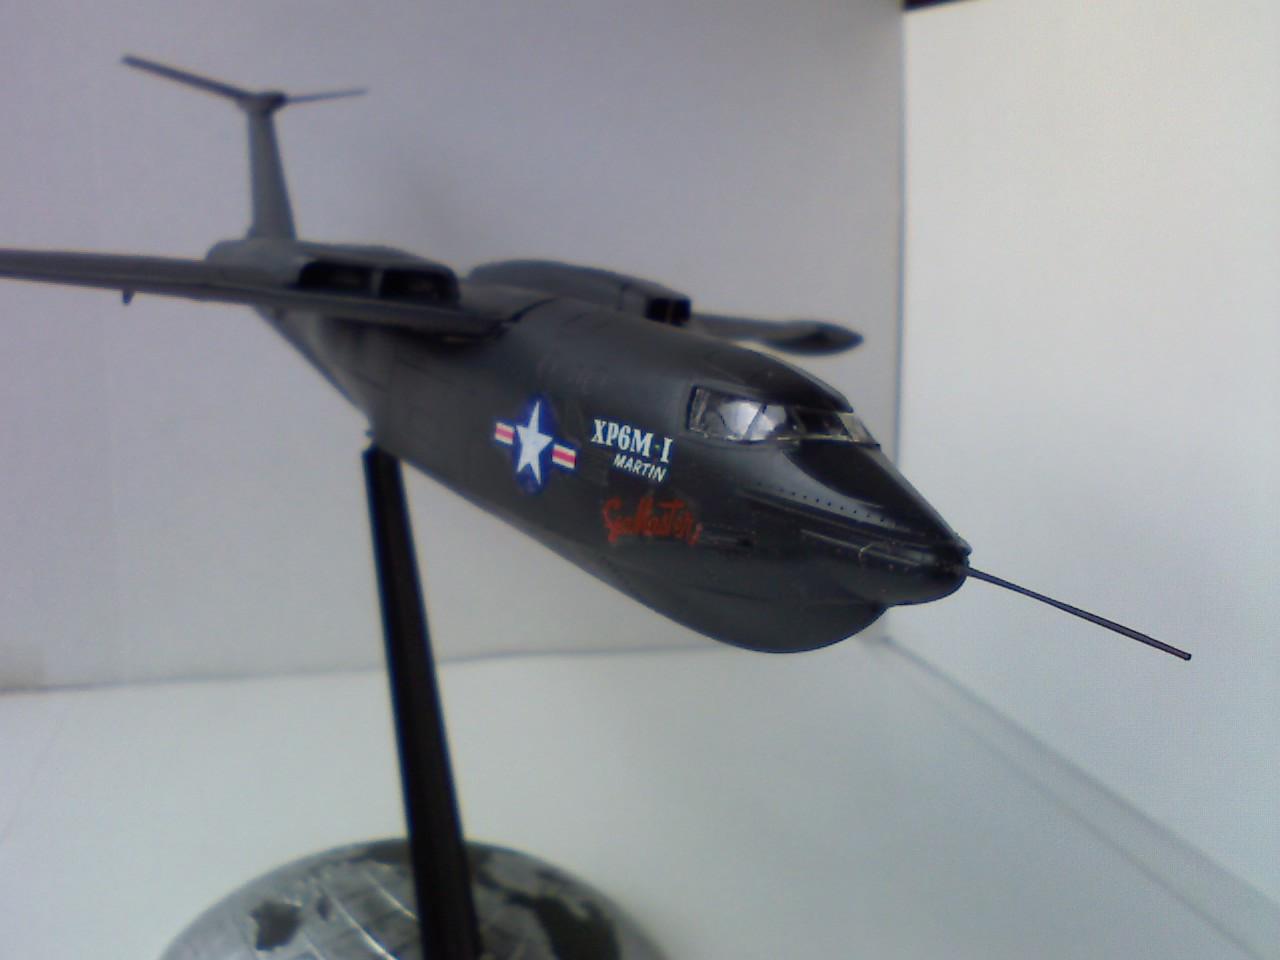 マーチンXP6M-1